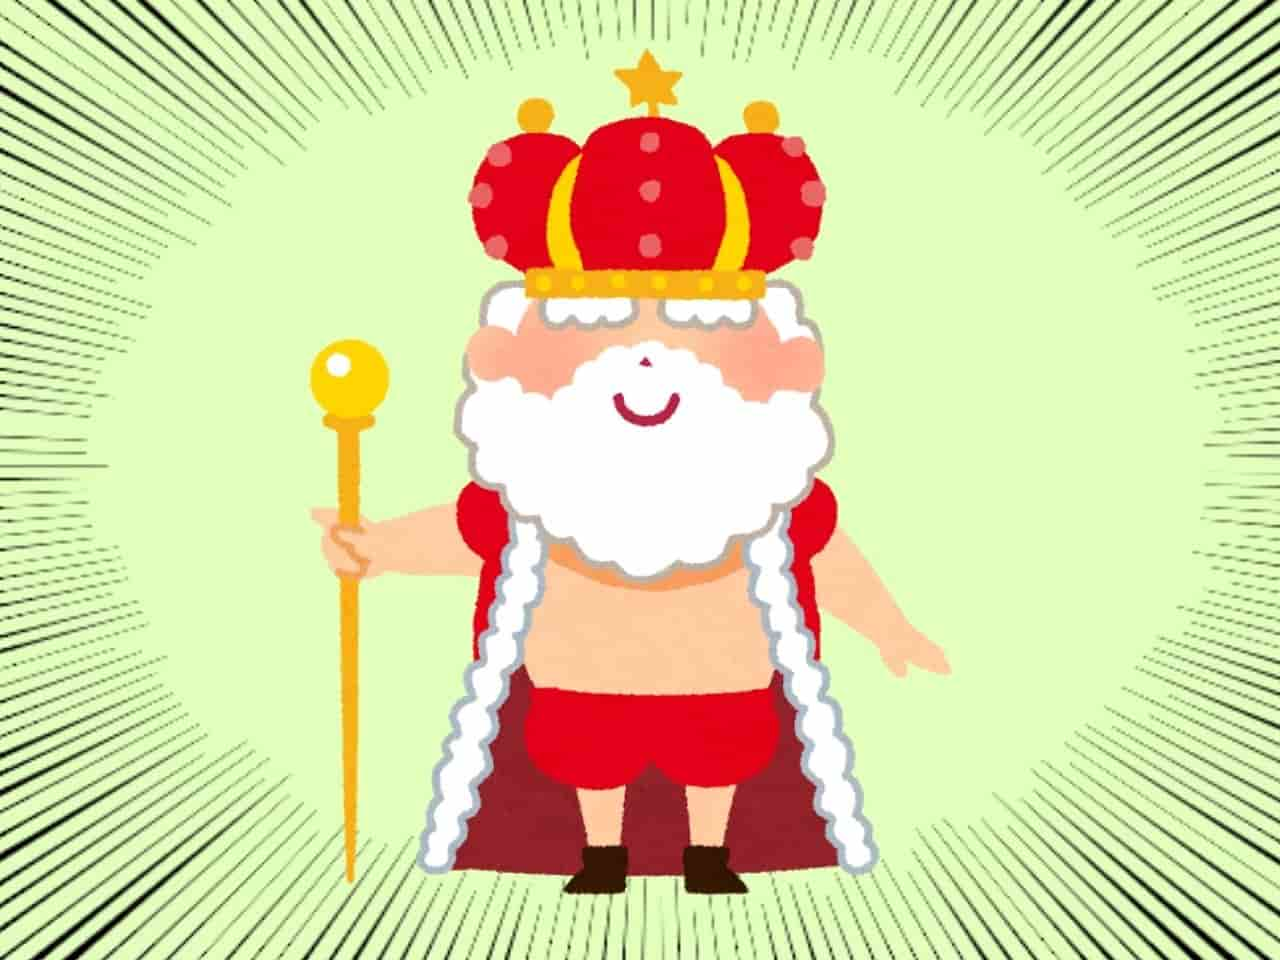 裸の王様のイラスト